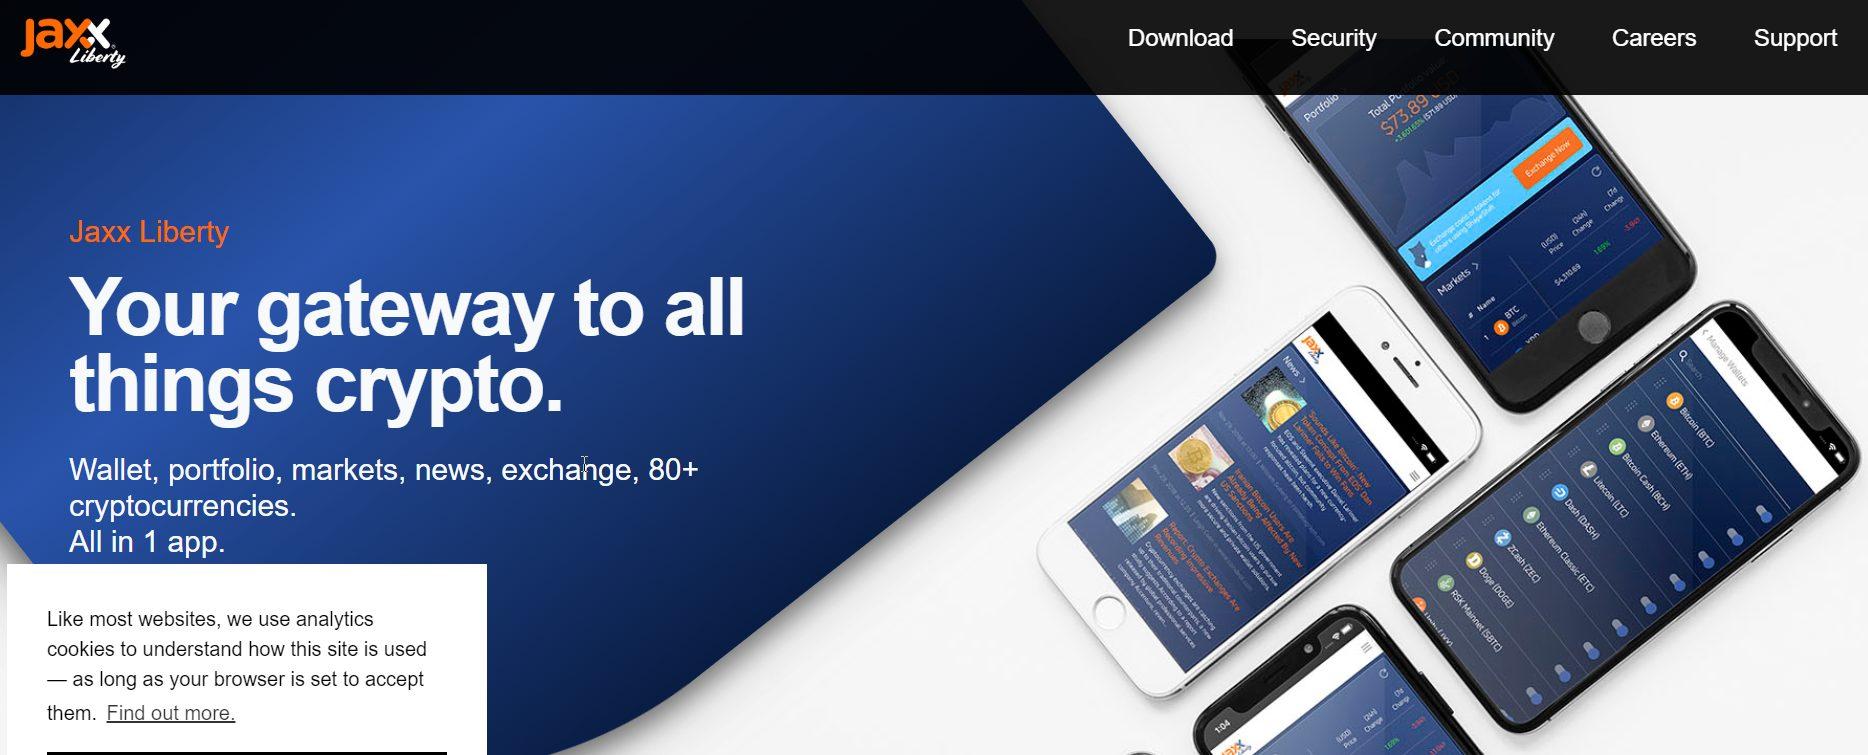 Jaxx Liberty wallet website